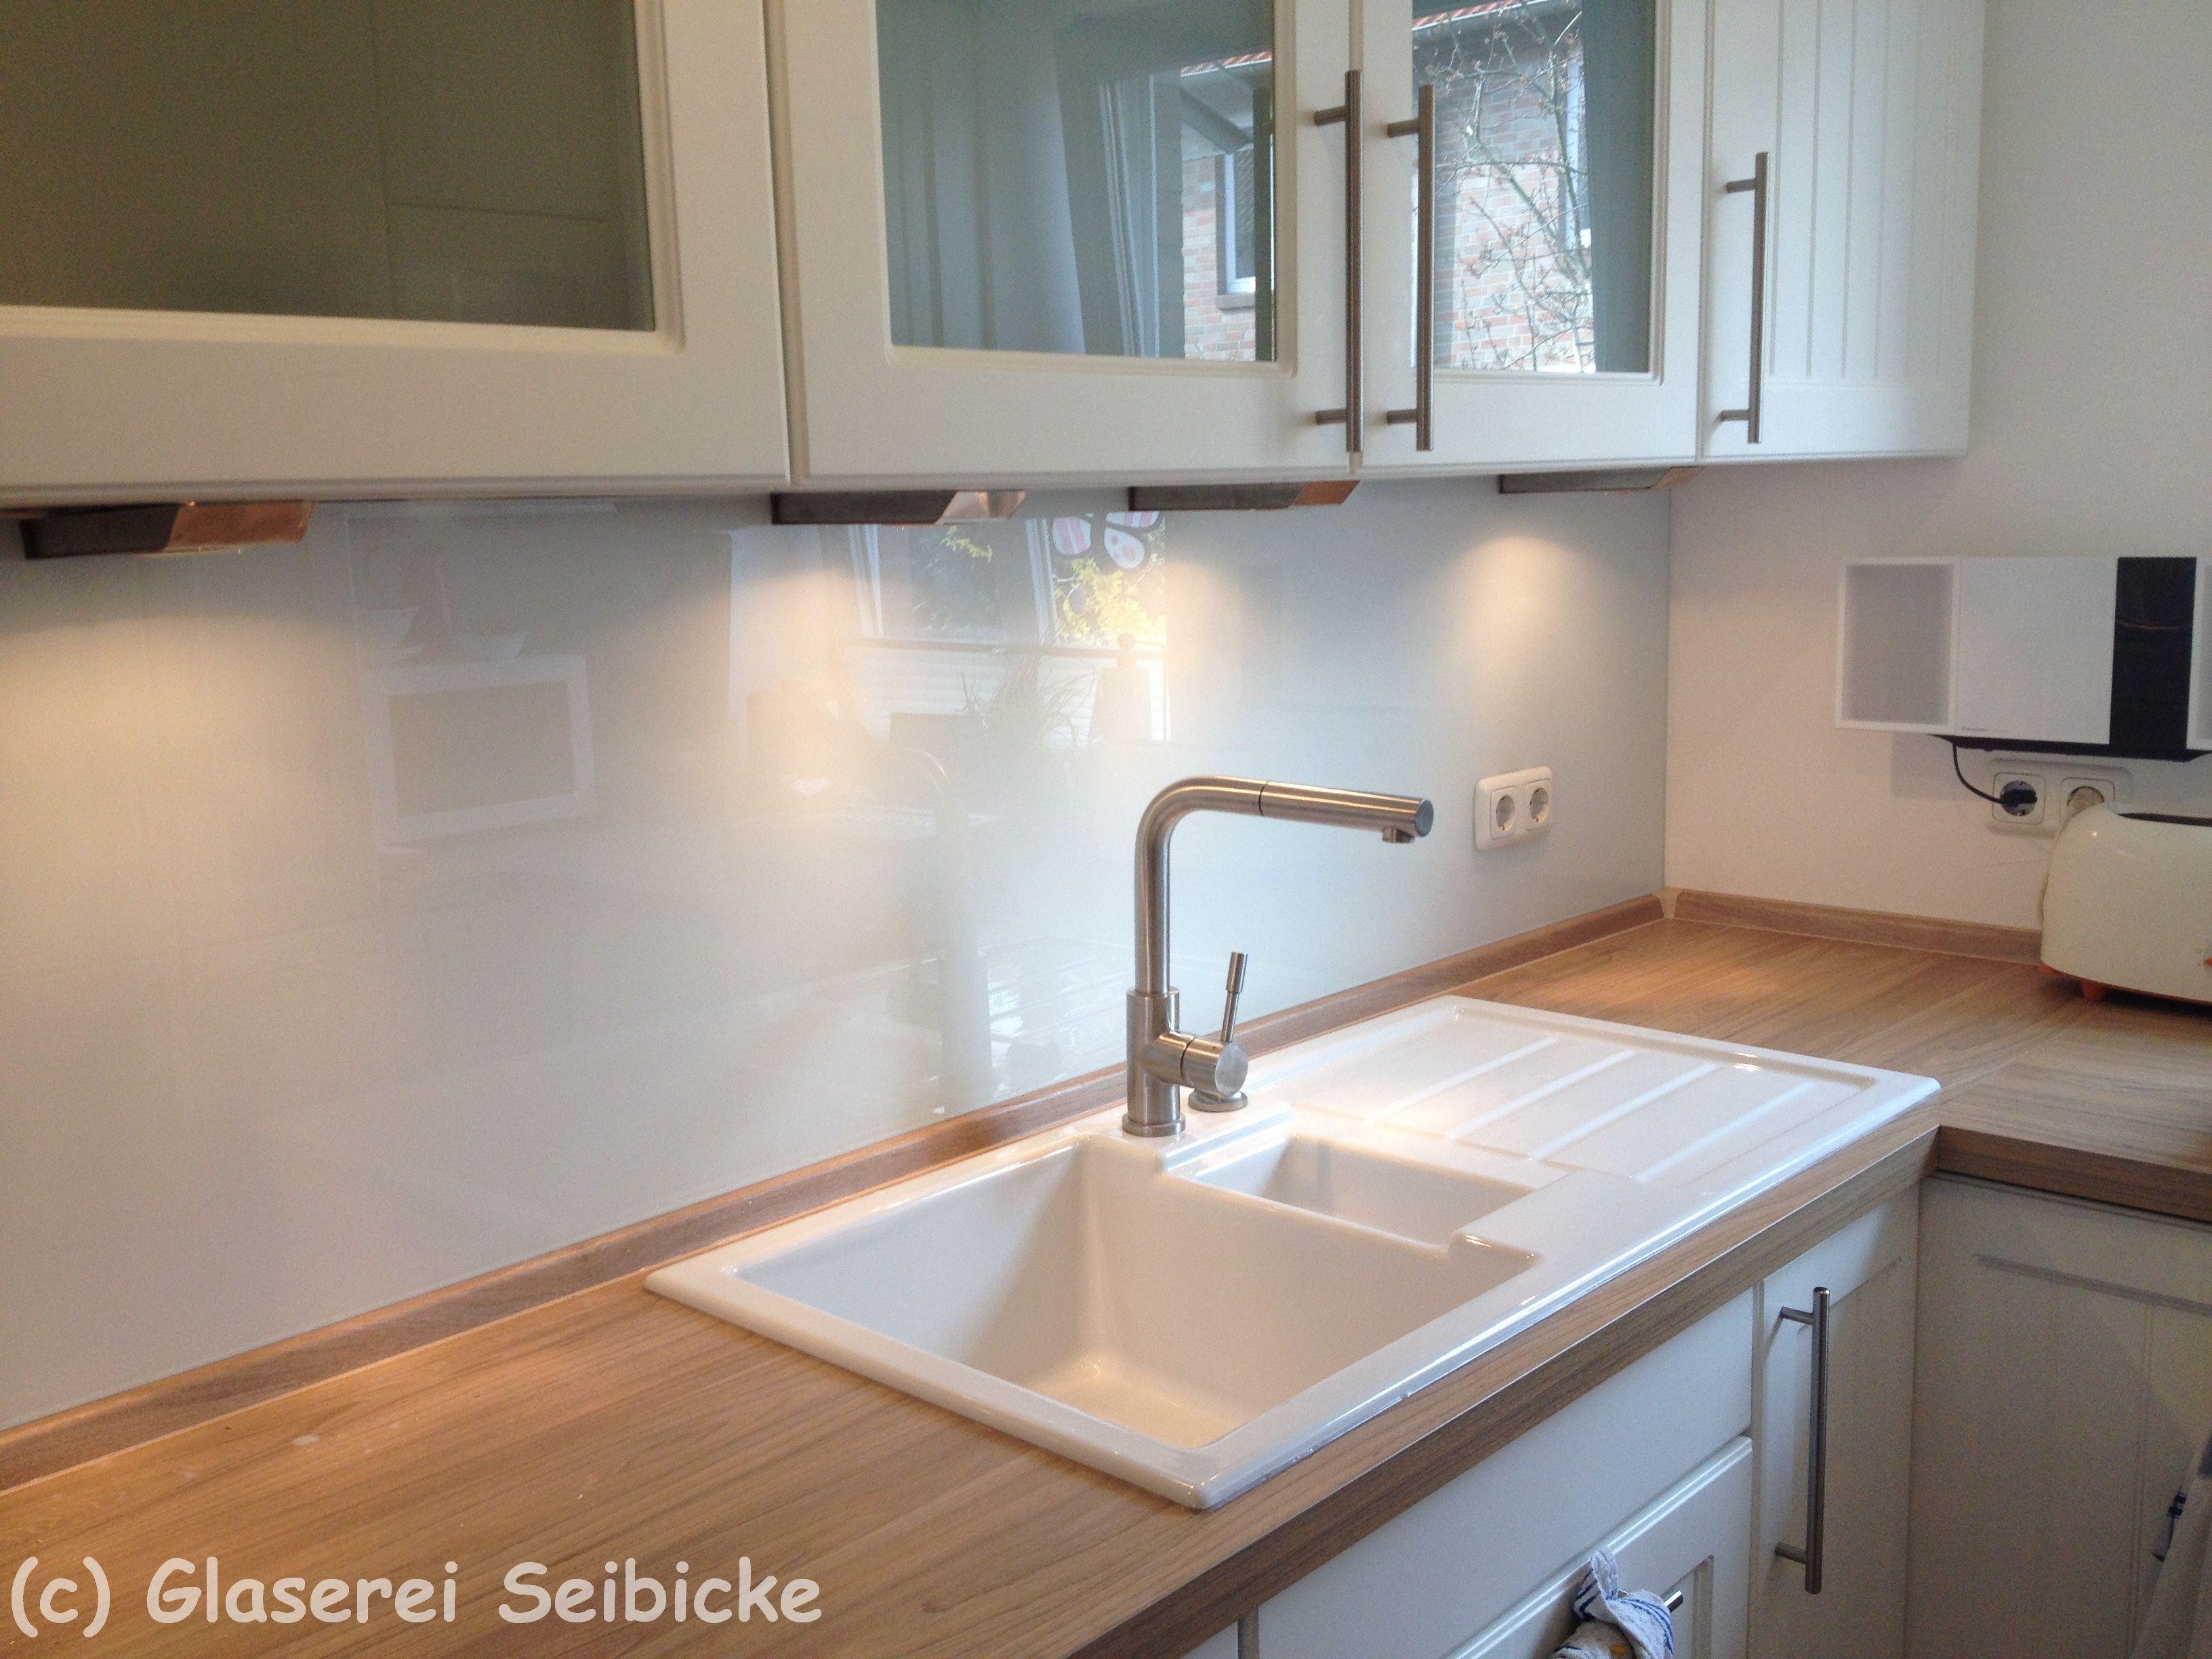 Küchenrückwand Weiß glaserei seibicke hamburg glas küchenrückwand mit glaslack weiß